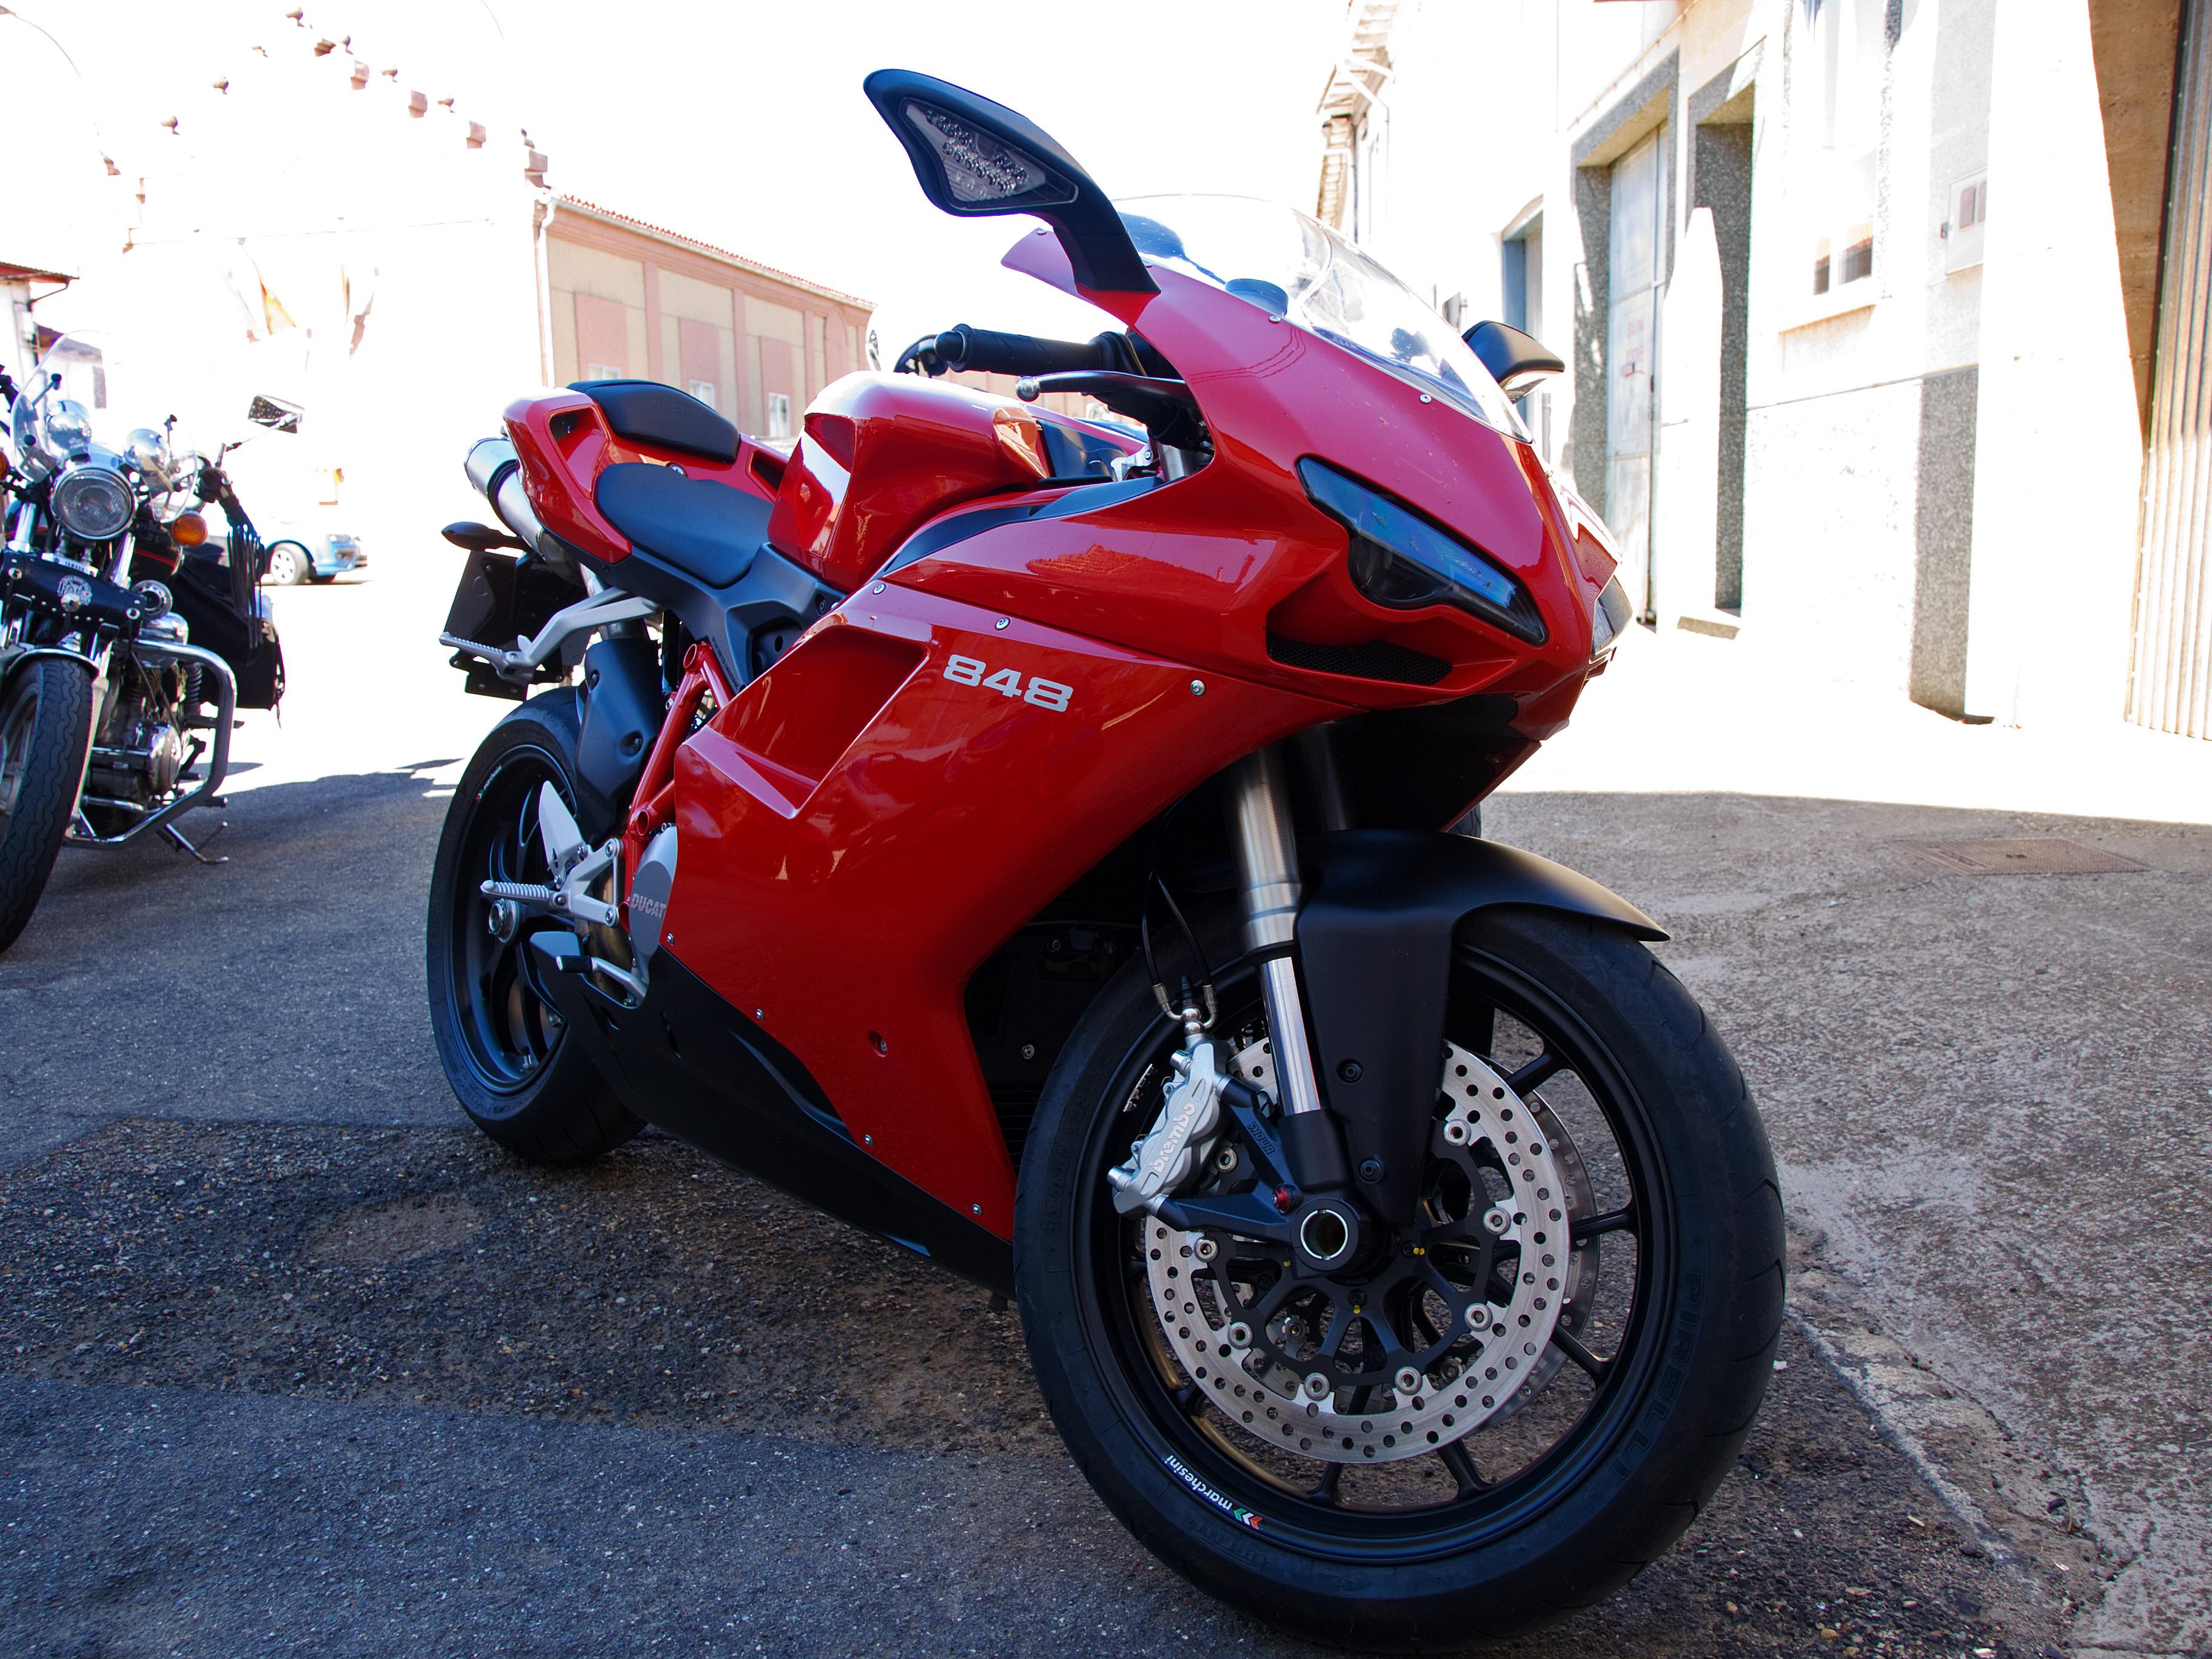 File:Ducati 848 20090830.jpg